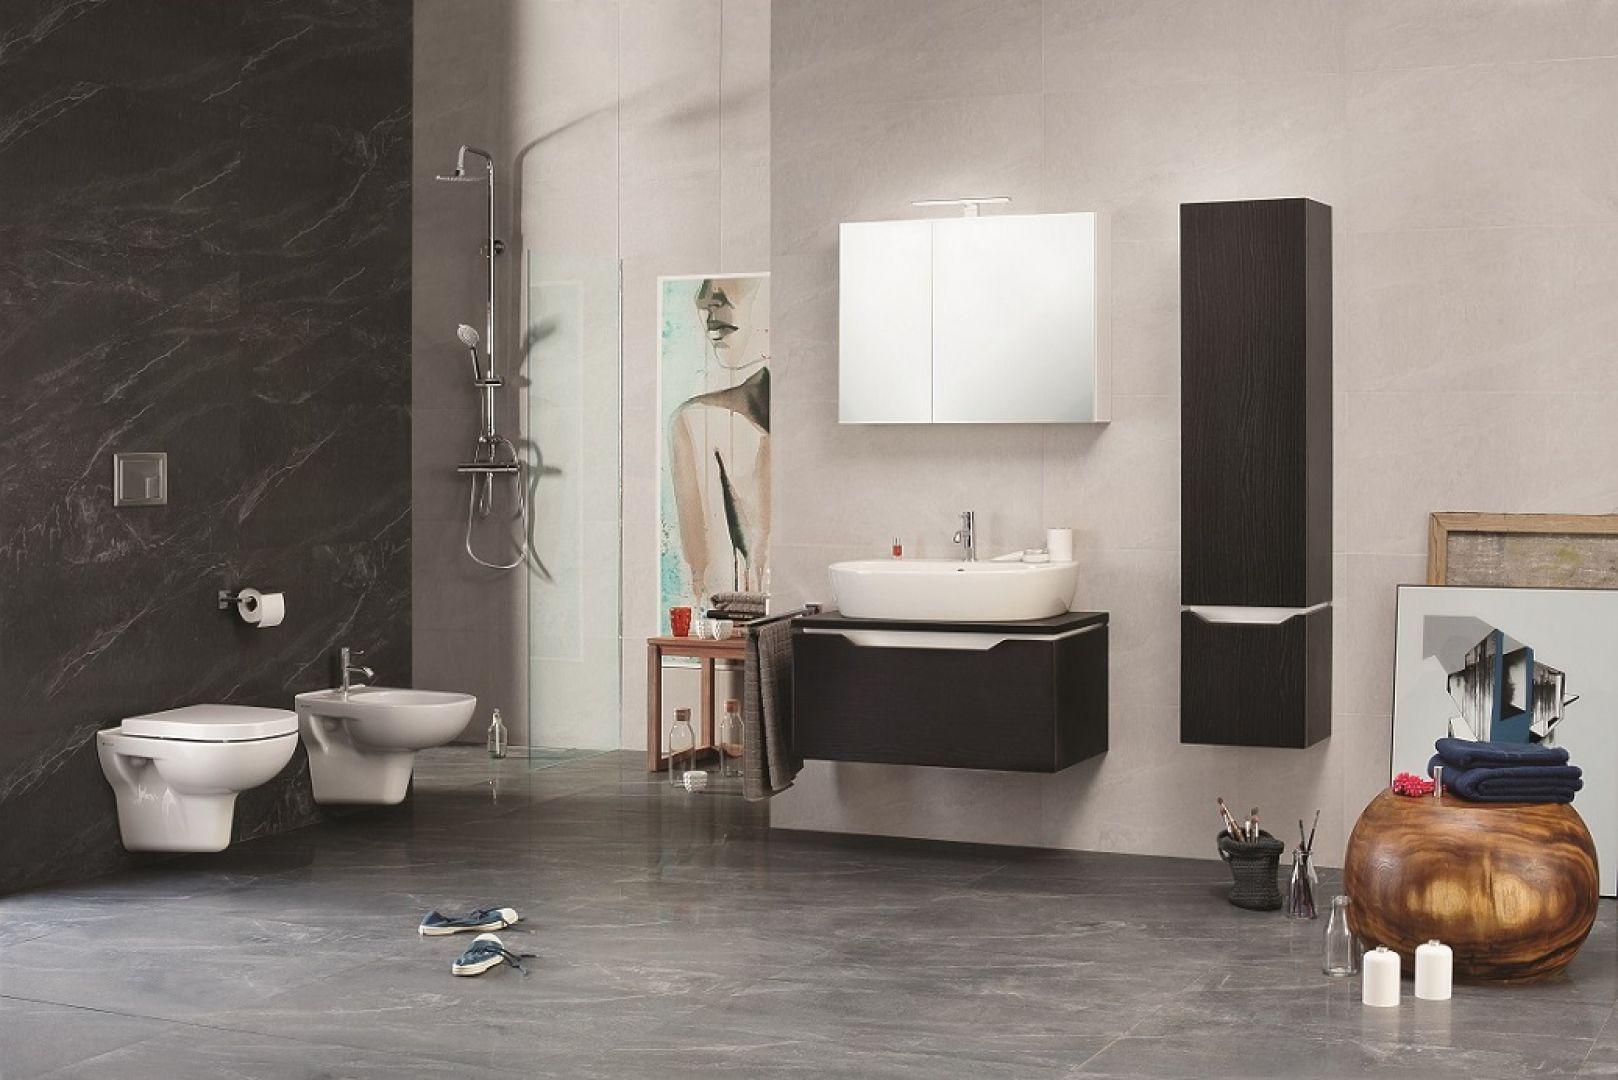 Wybierając wyposażenie do łazienki, poza estetycznymi względami, należy również zwrócić uwagę na jego praktyczne walory. Fot. Opoczno